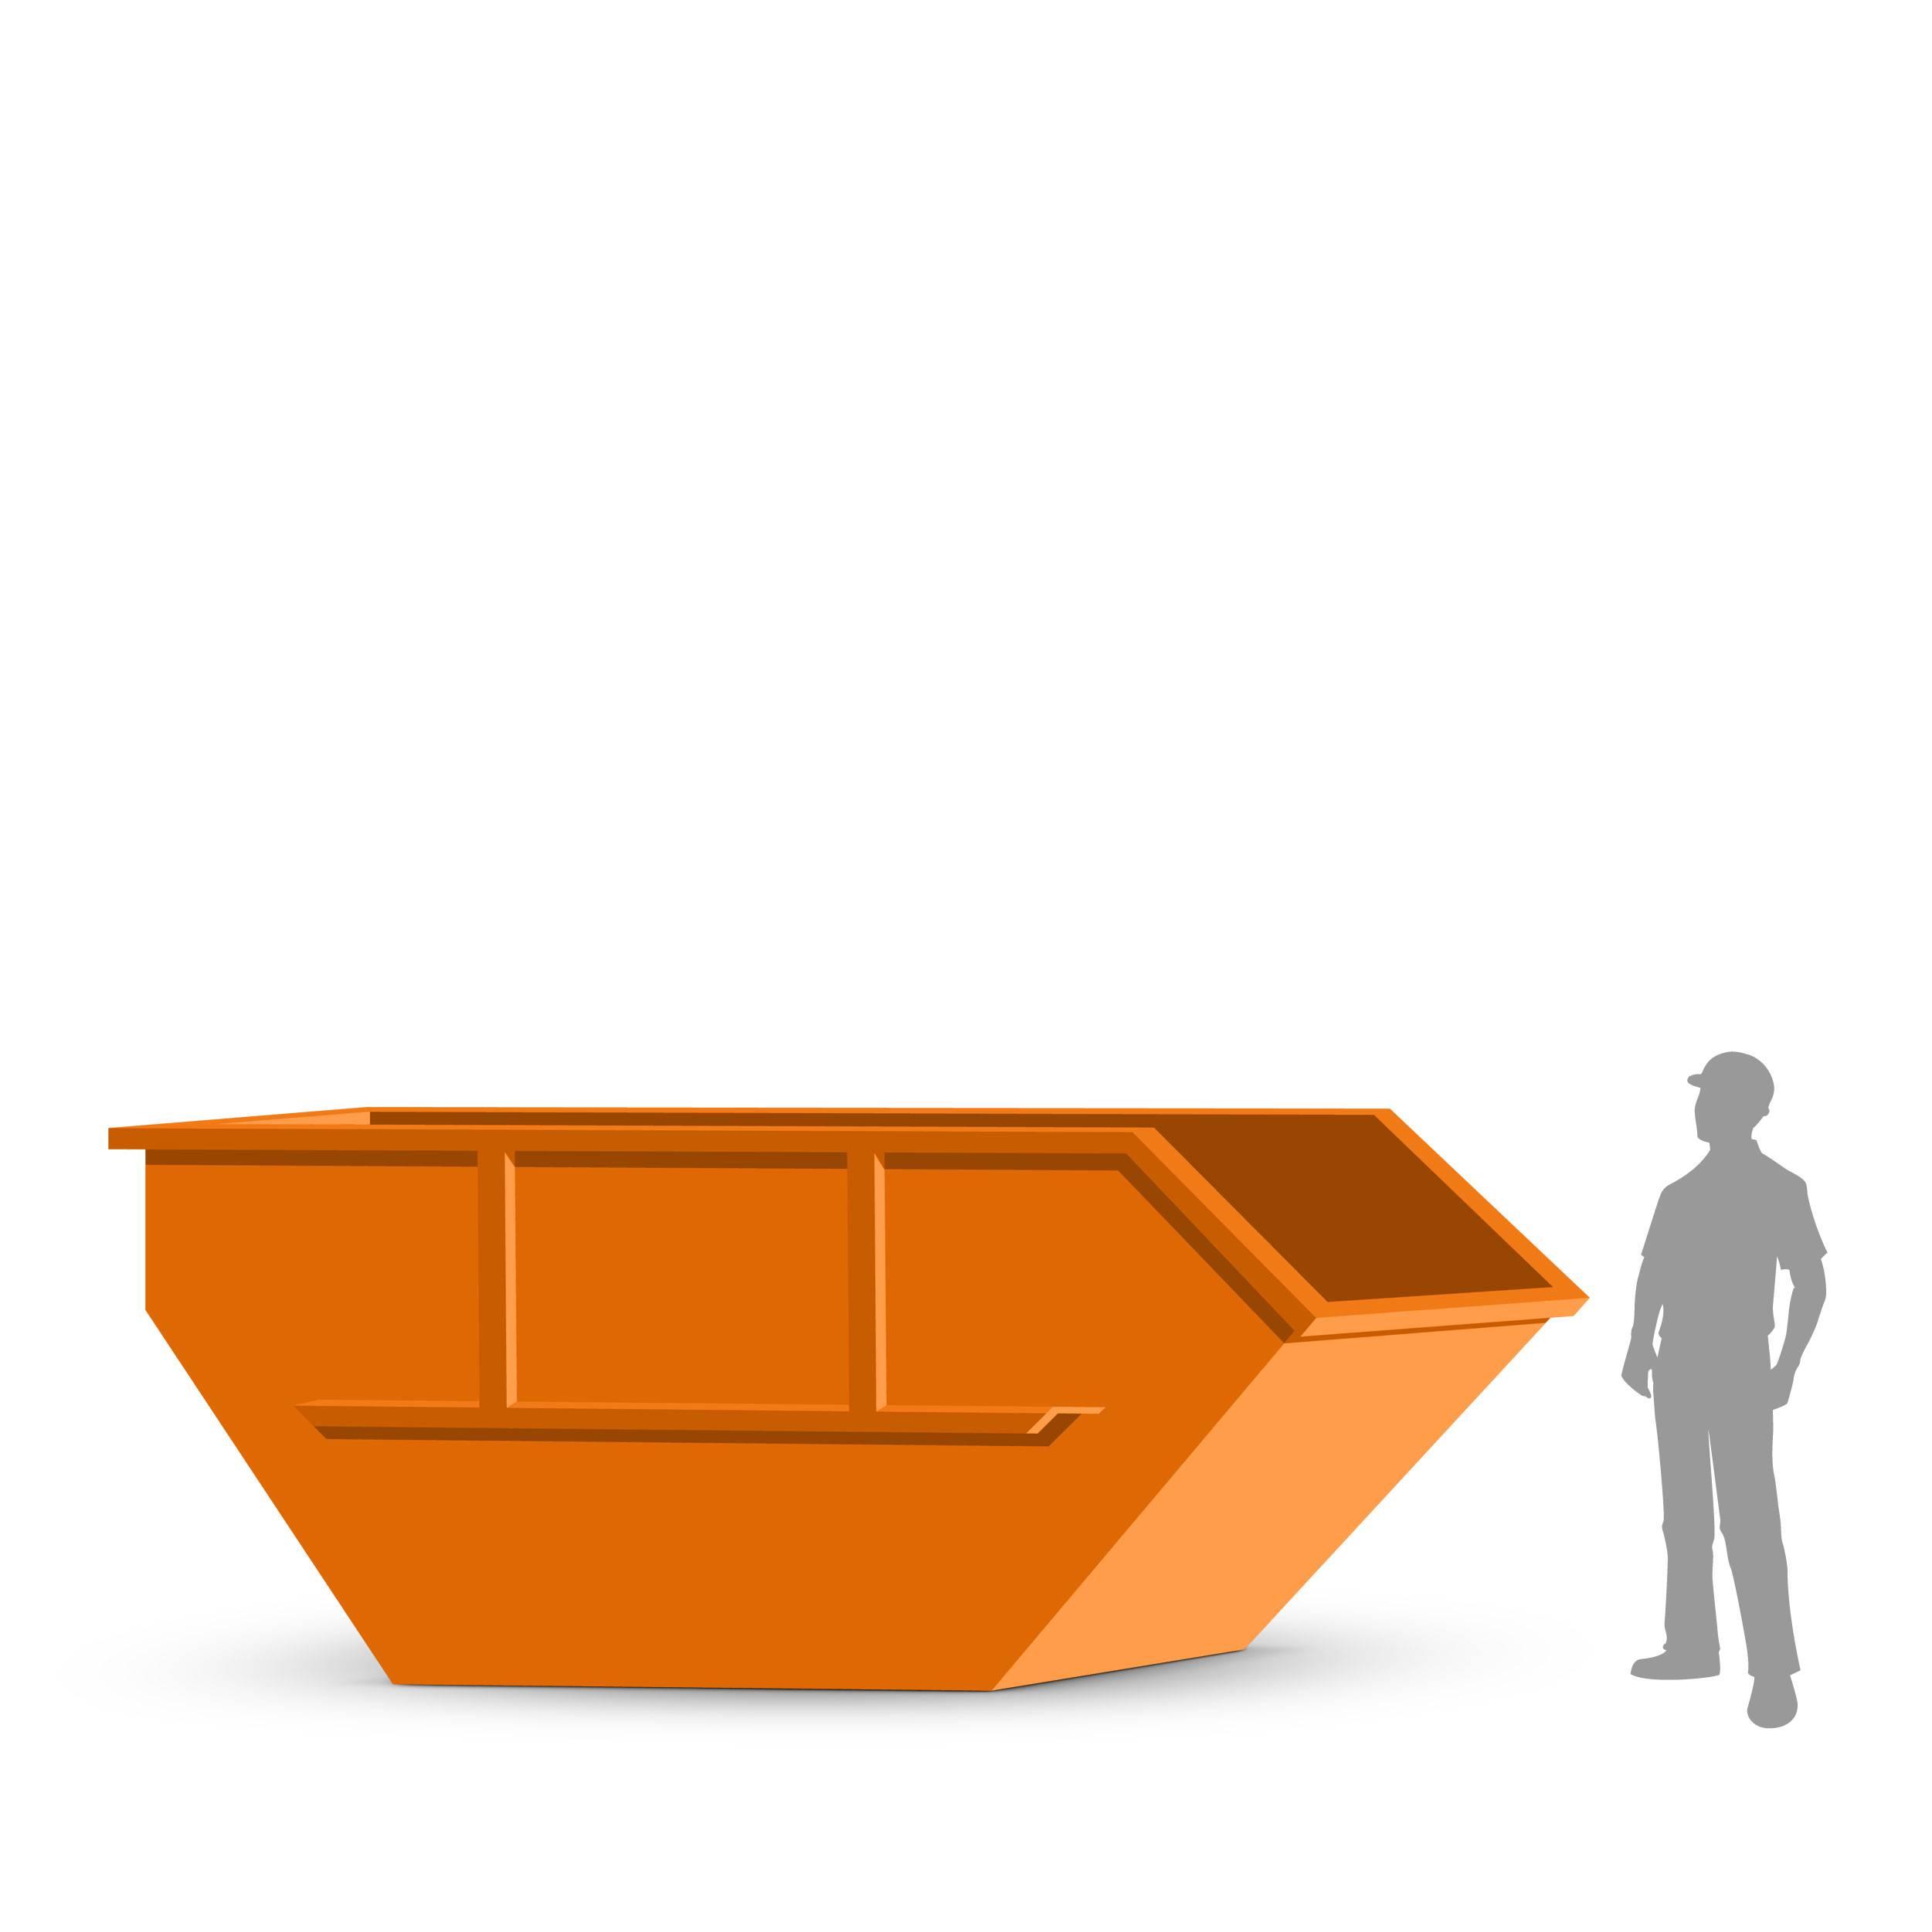 Gorgeous Container Aufstellen Ohne Baugenehmigung Best Choice Of